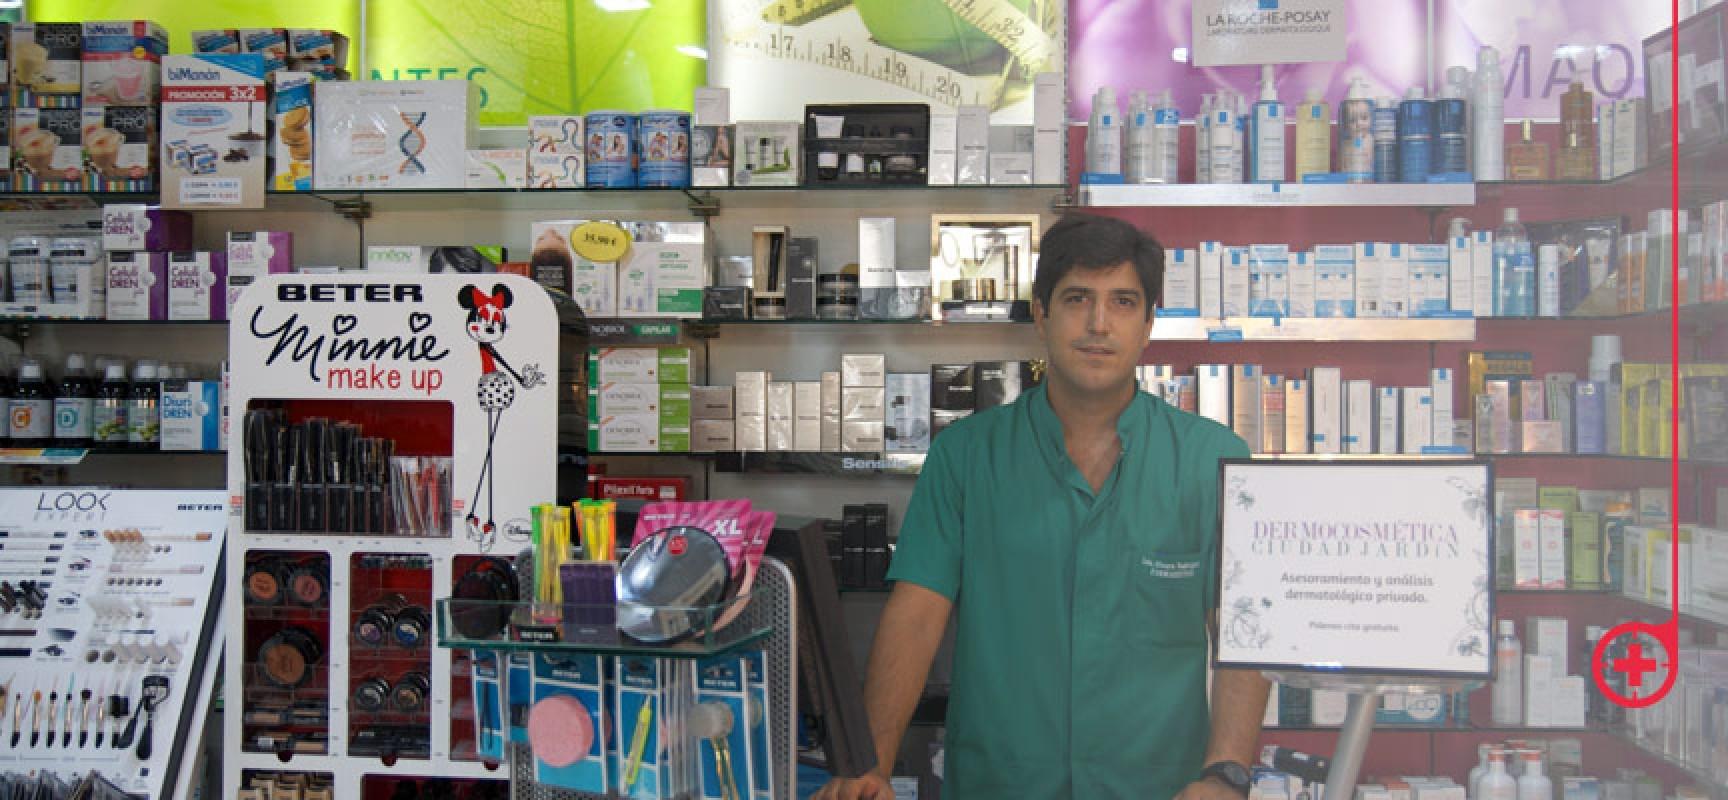 Farmacia Ciudad Jardín, en Almería